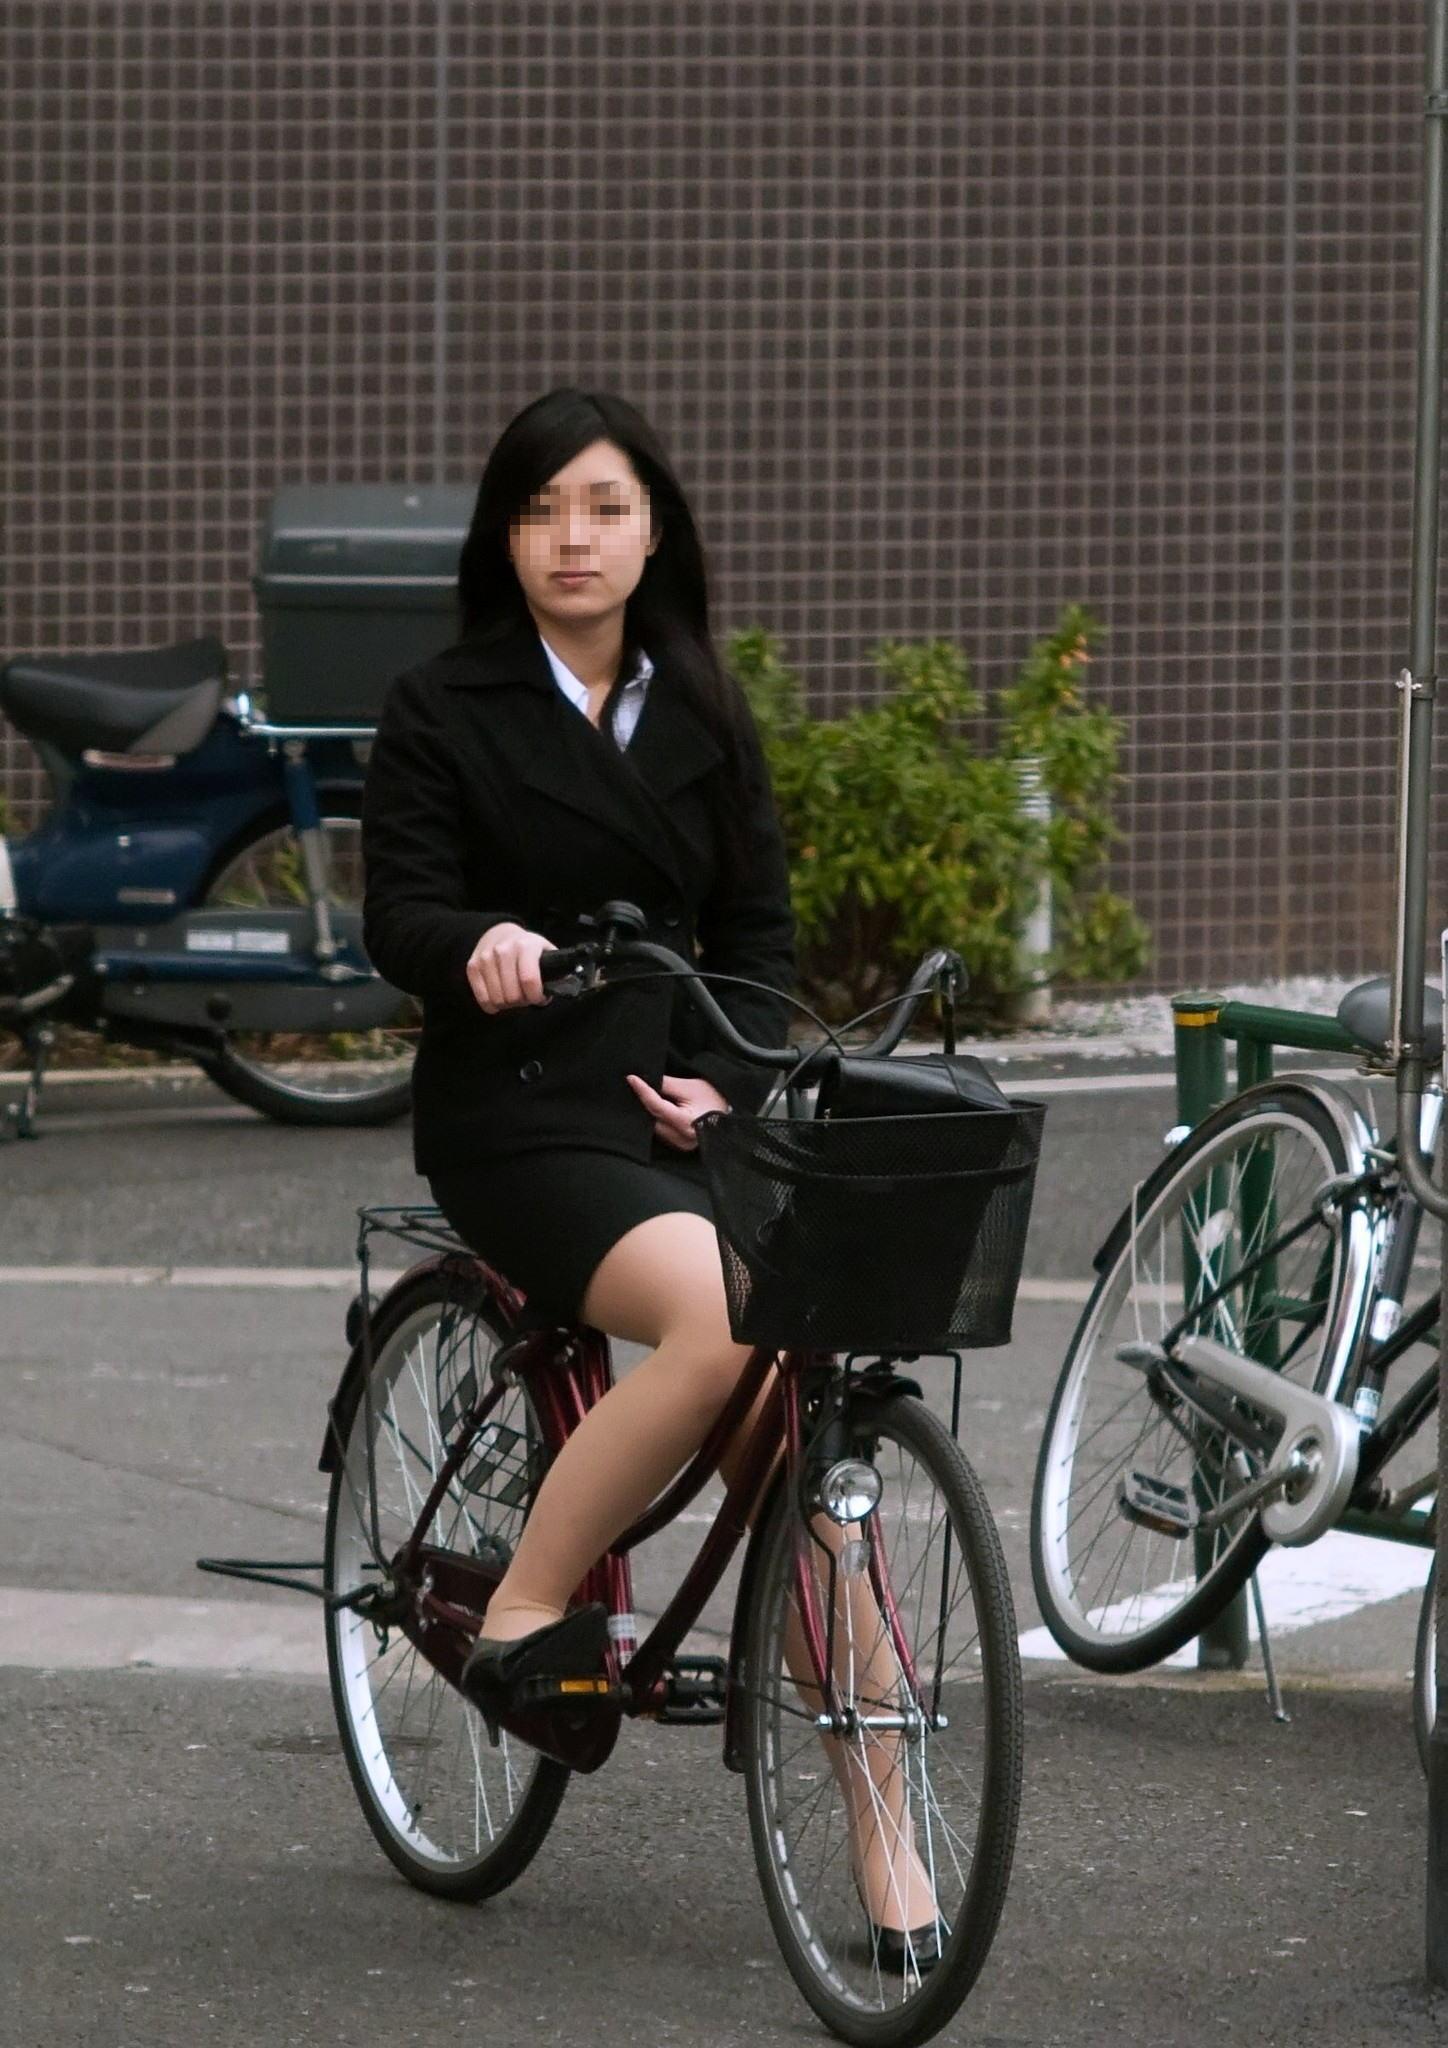 片手運転の自転車OLの三角パンチラ盗撮エロ画像2枚目